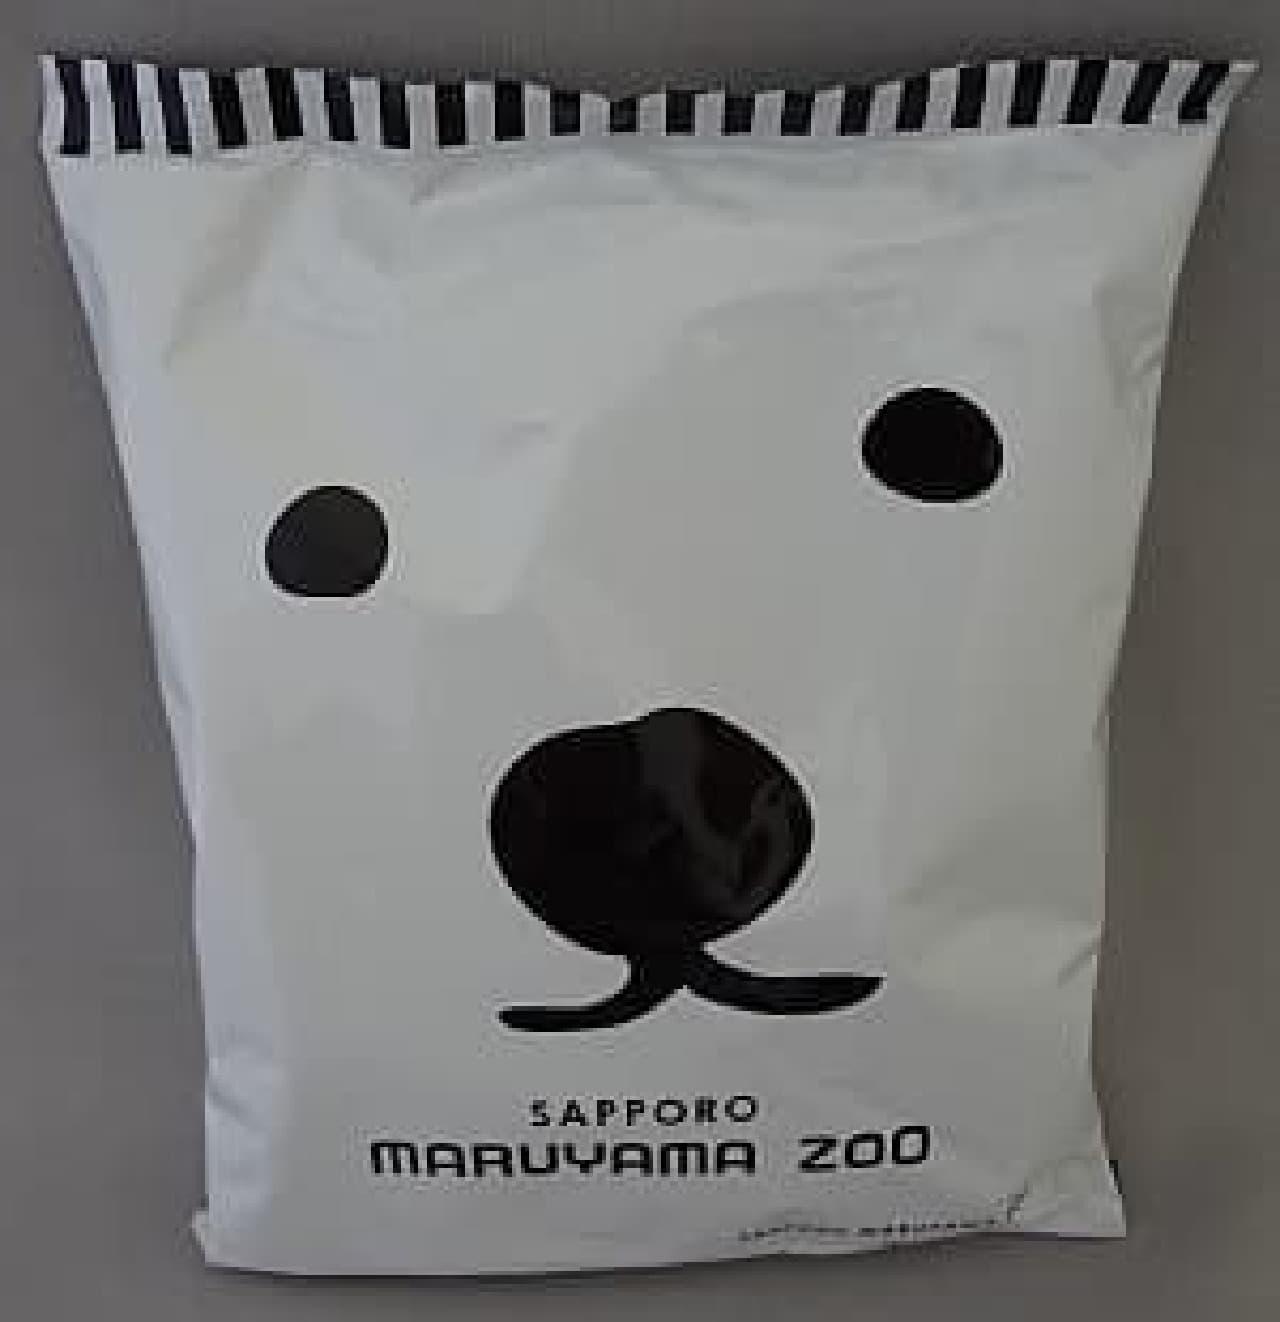 「藤原製麺 札幌円山動物園白クマ塩ラーメン」  パッケージが白クマの顔になってます